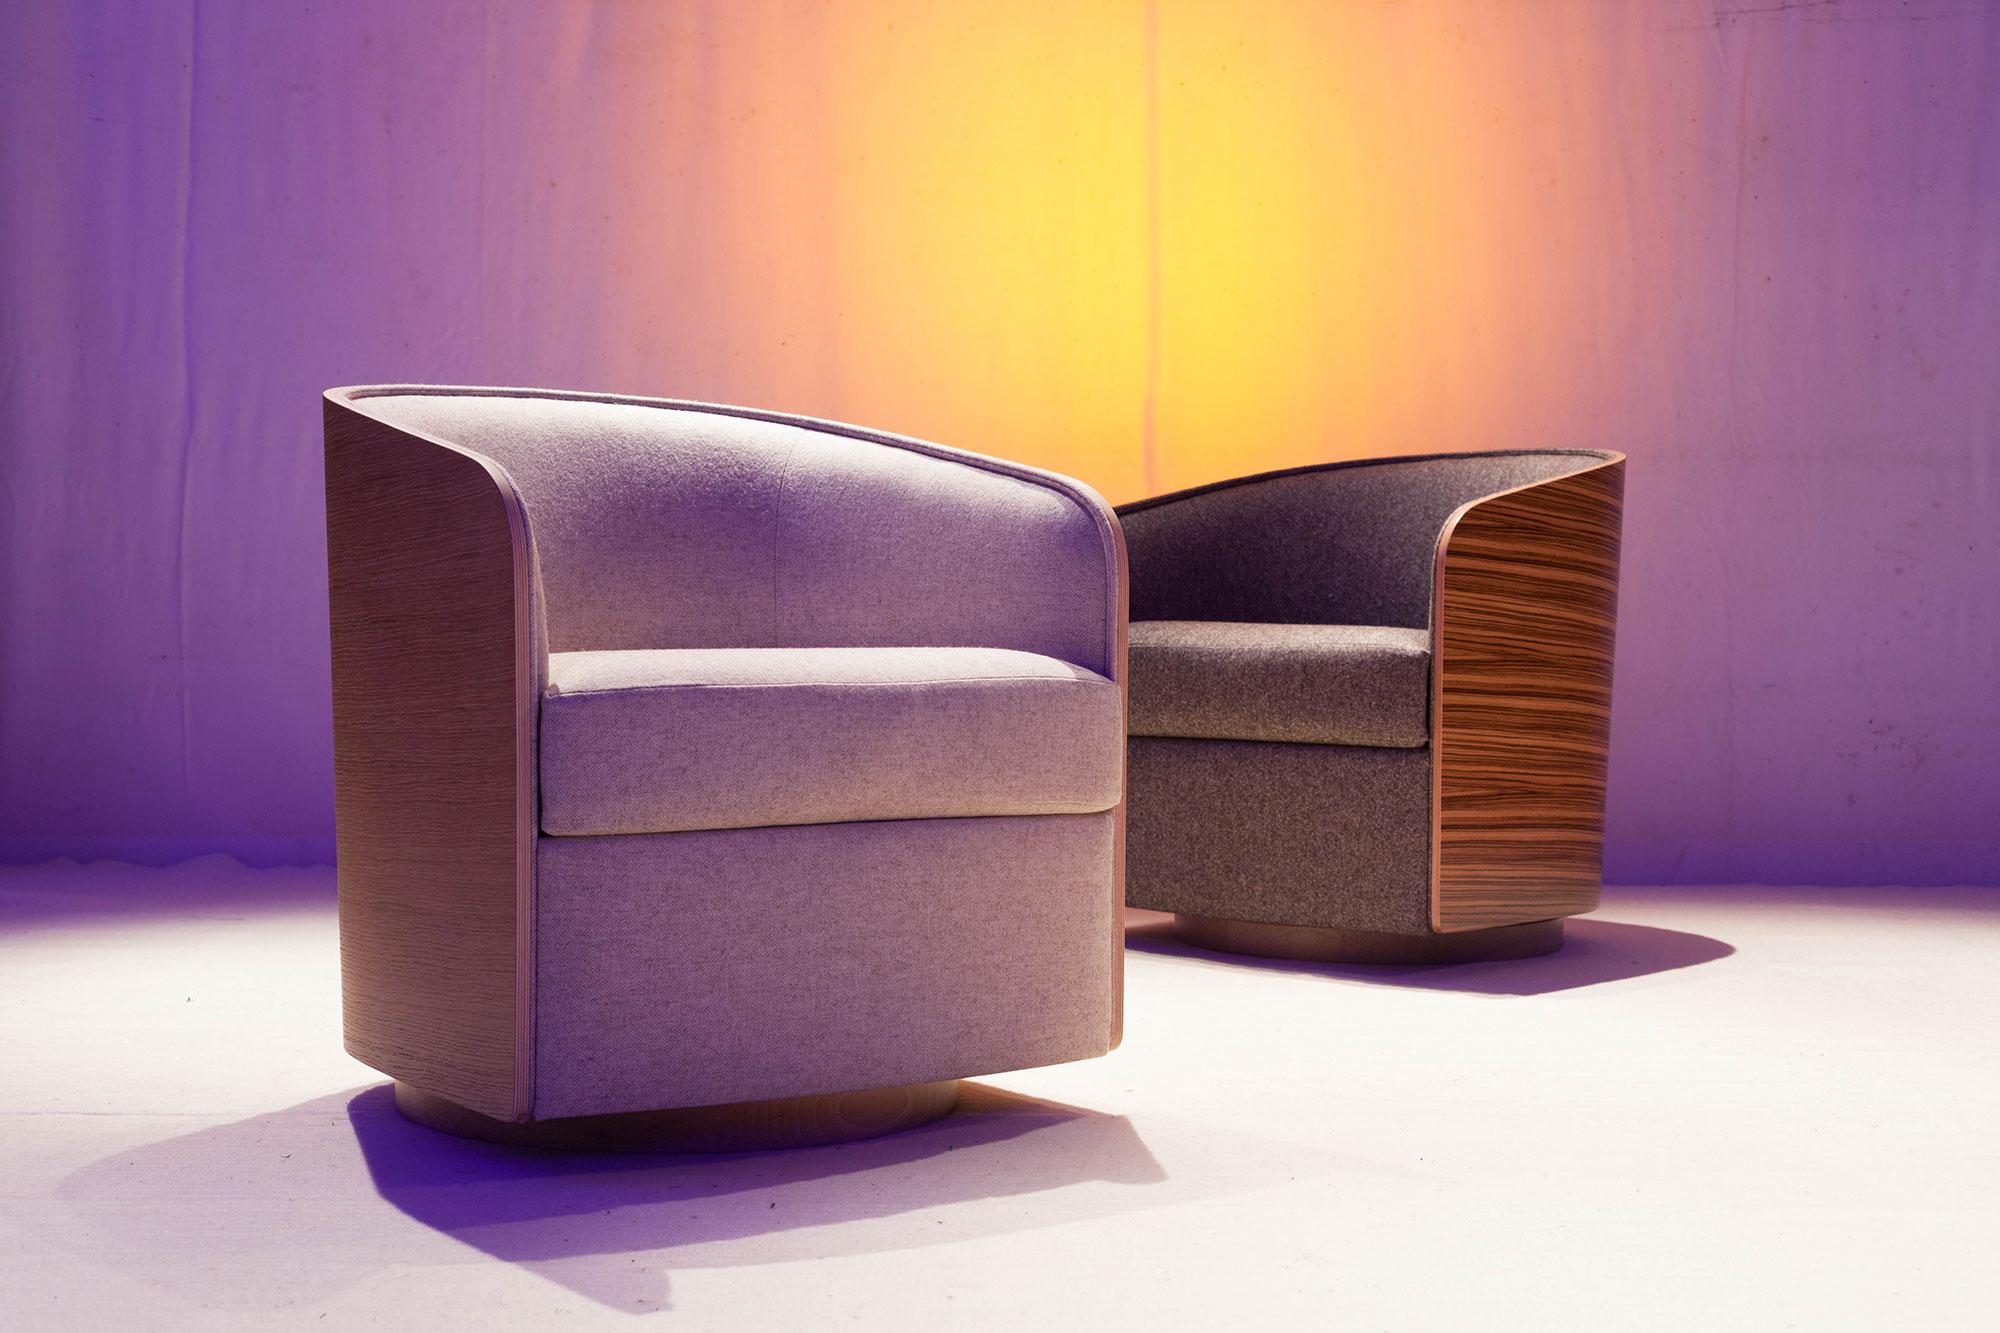 fauteuil coque manufacture D'Argentat